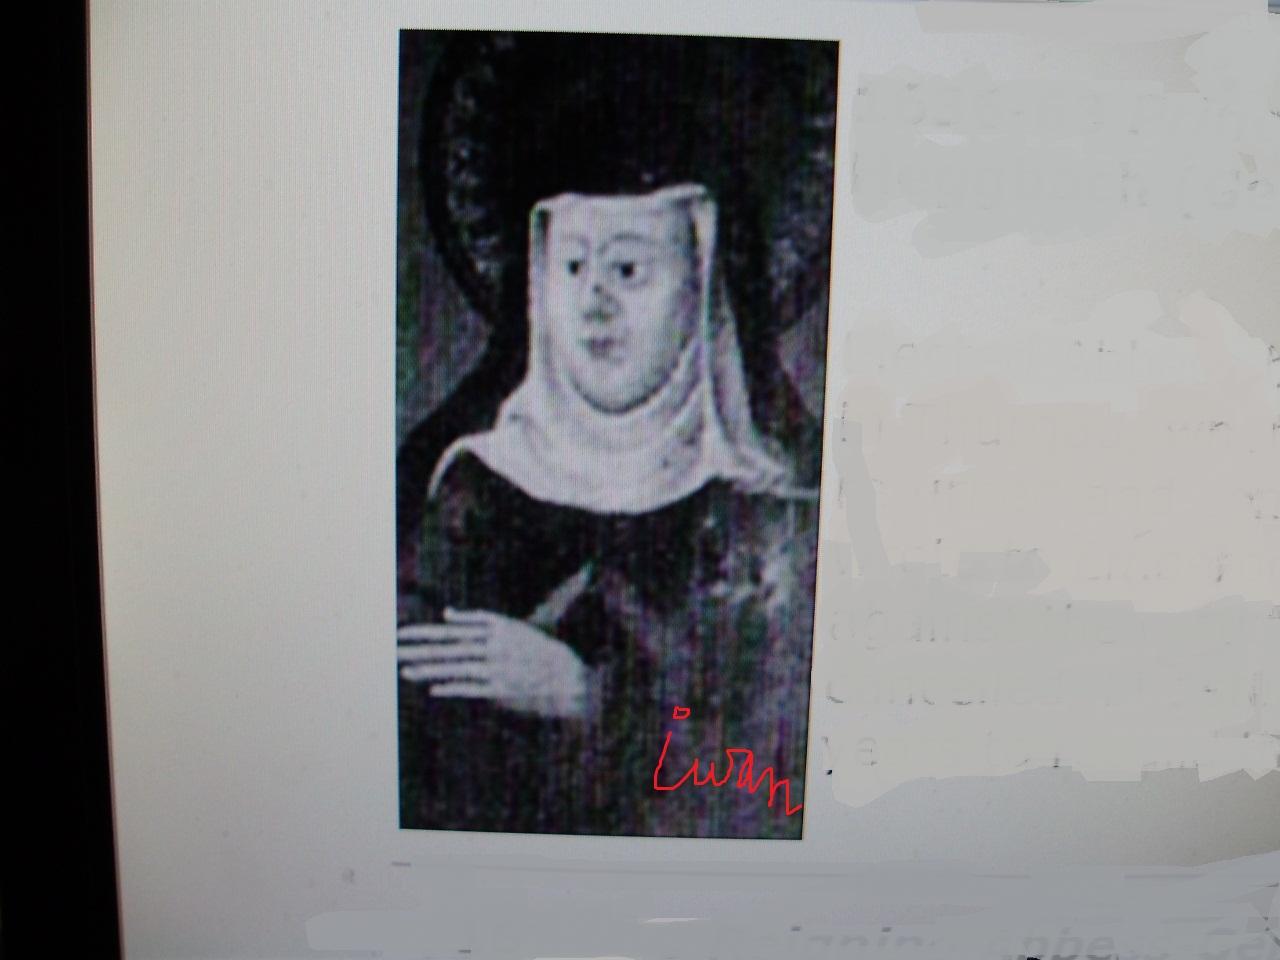 Driwancybermuseums Blog Just Another Wordpresscom Site Page 93 House Of Julia Bantal Tidur Asli Terpilih